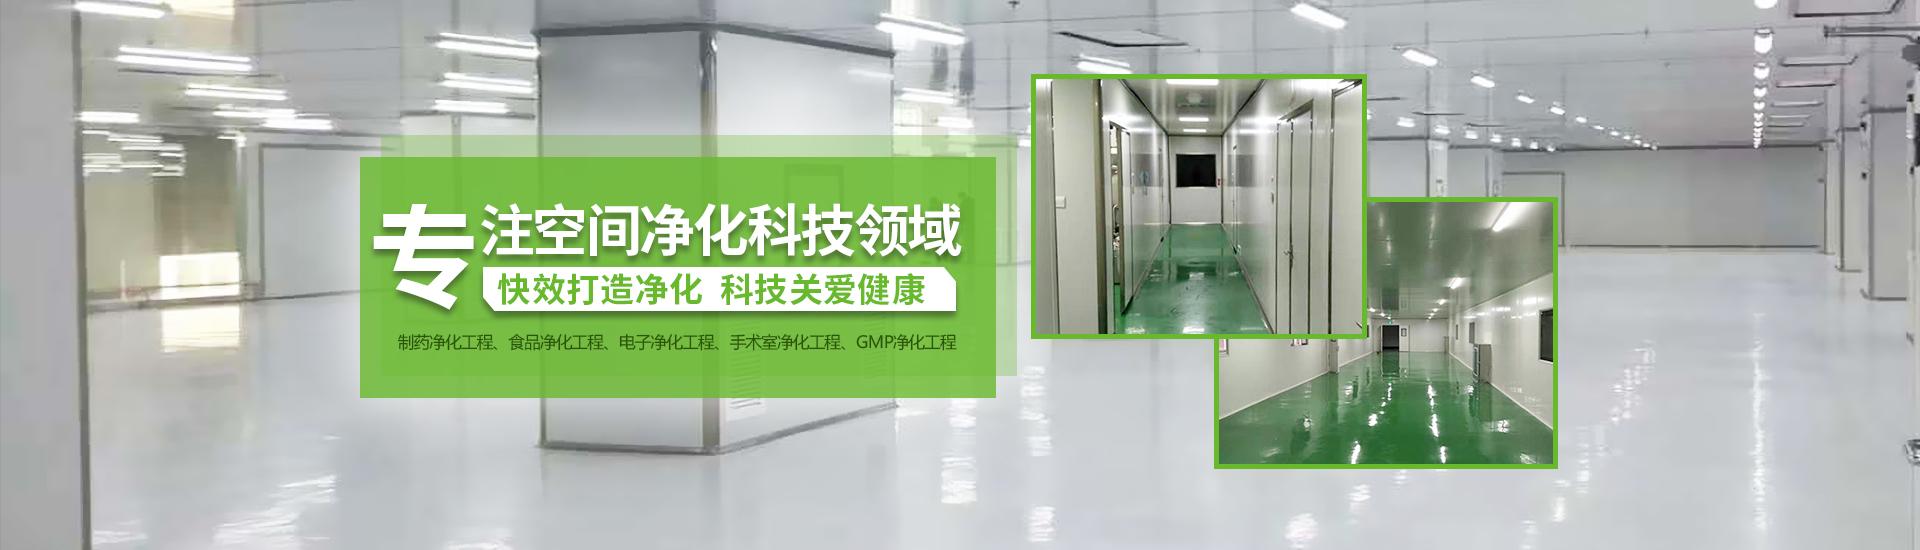 武汉手术室净化工程